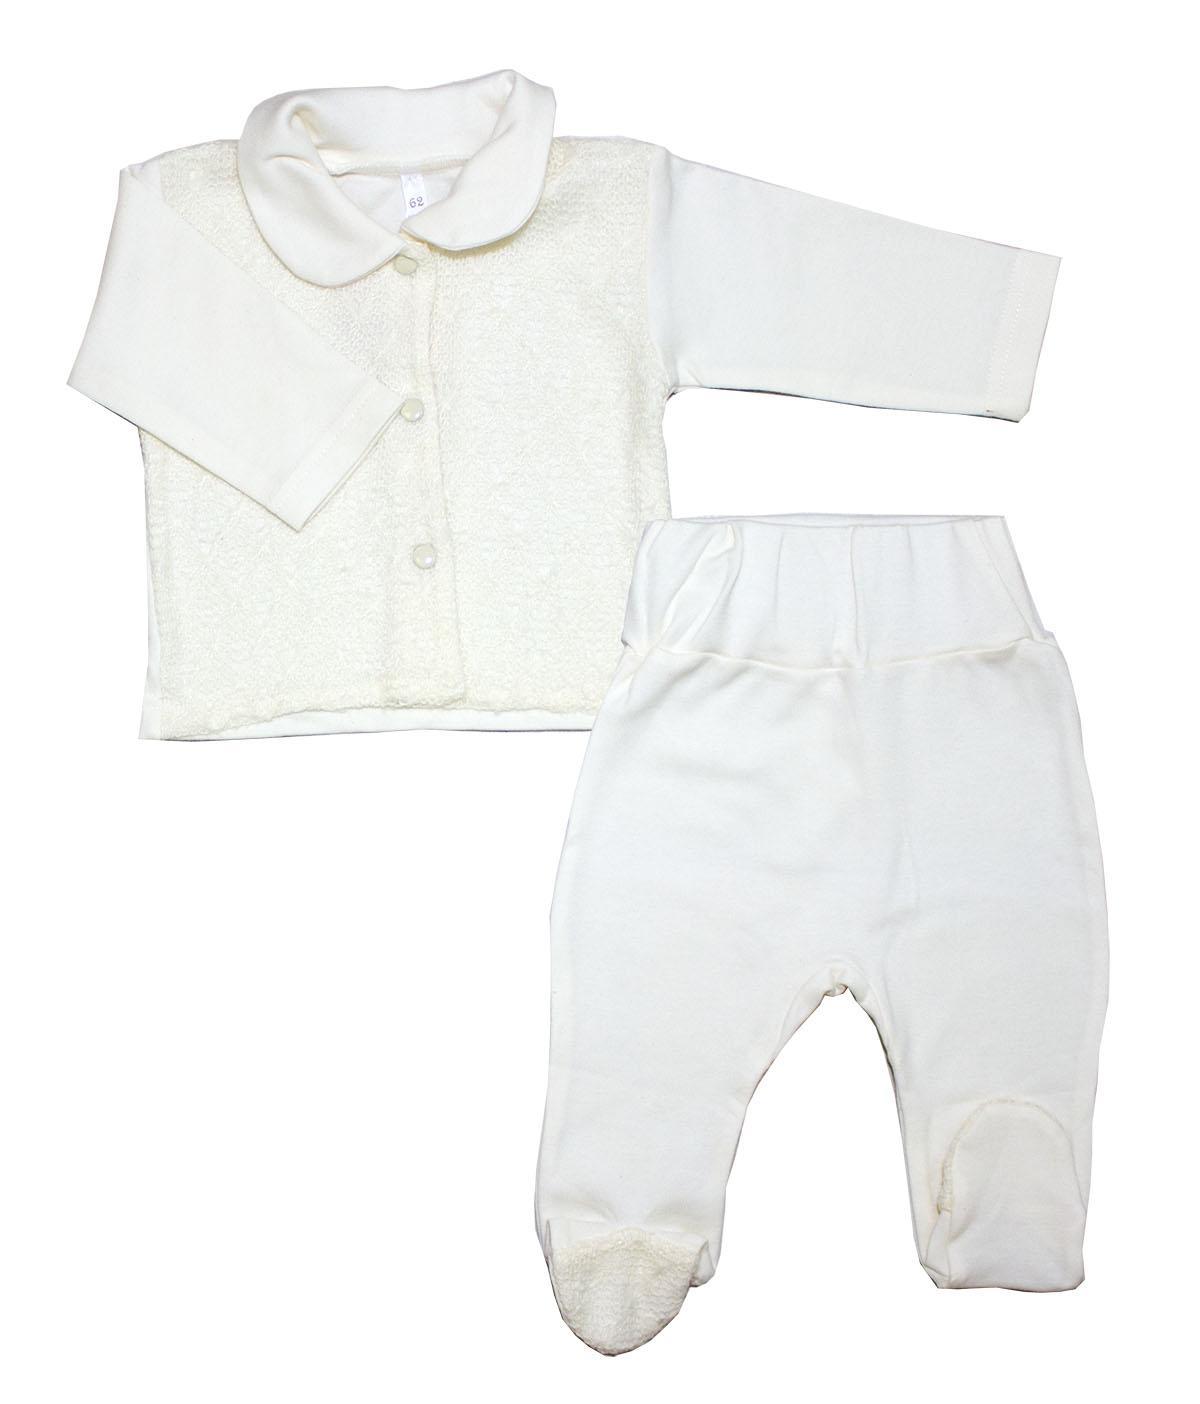 Комплект одежды Осьминожка бежевый р.74